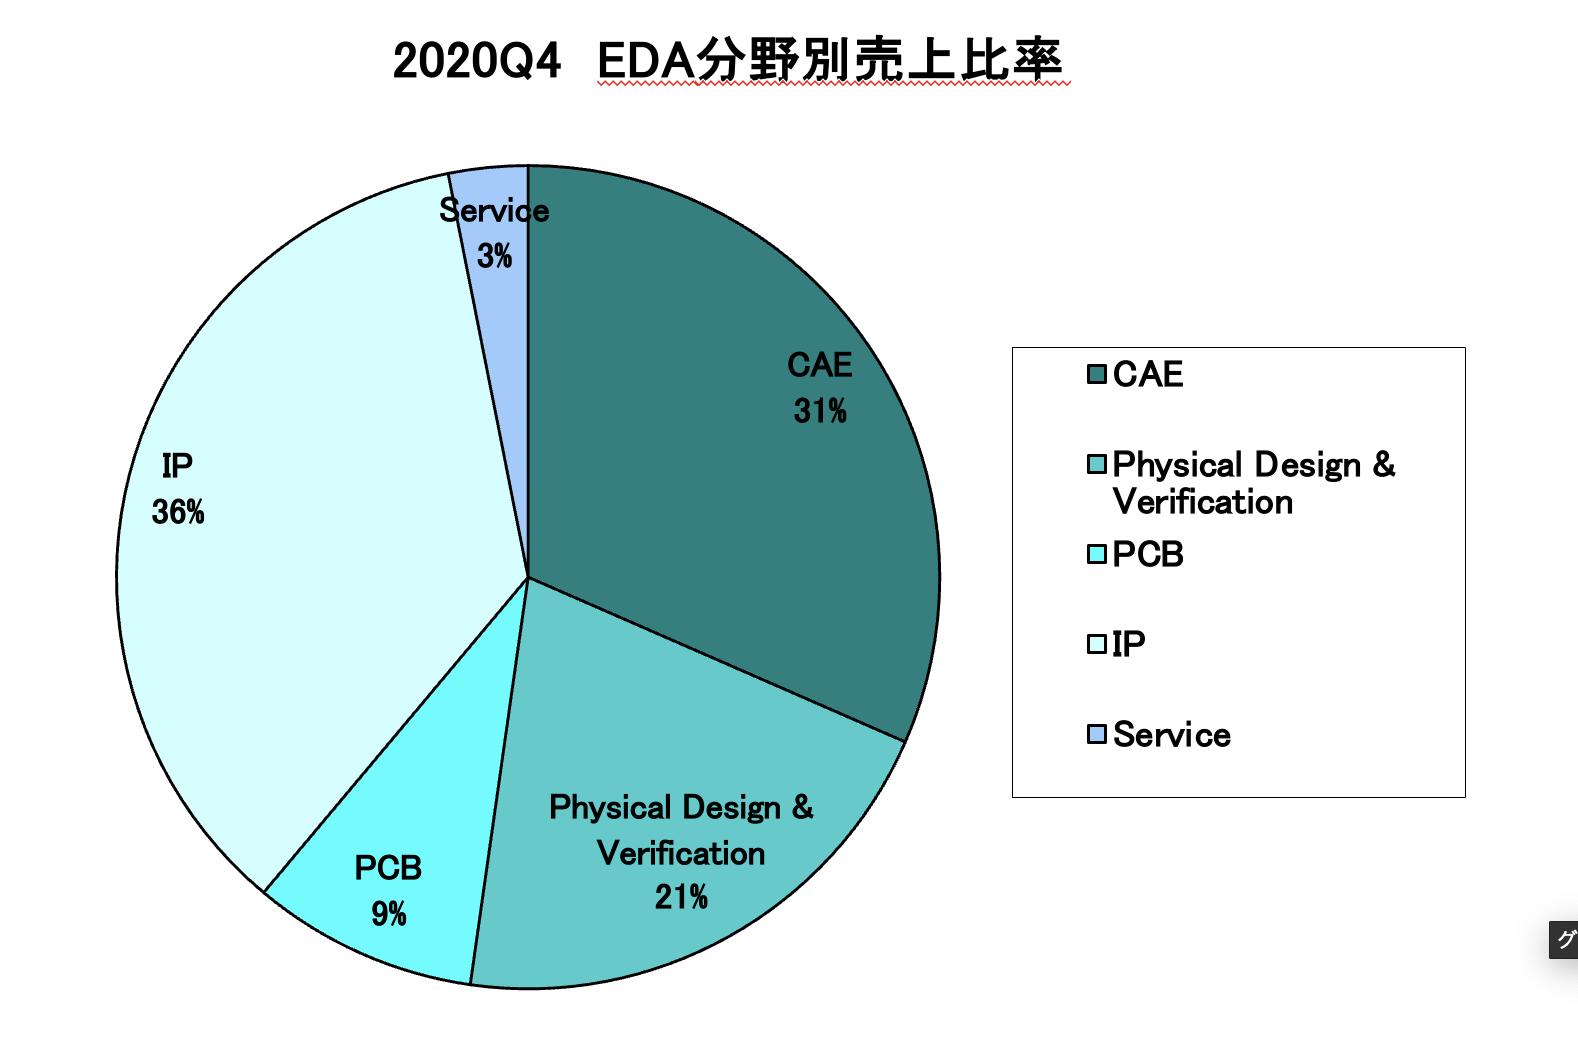 https://www.eda-express.com/%E3%82%B9%E3%82%AF%E3%83%AA%E3%83%BC%E3%83%B3%E3%82%B7%E3%83%A7%E3%83%83%E3%83%88%202021-04-14%208.45.33.png